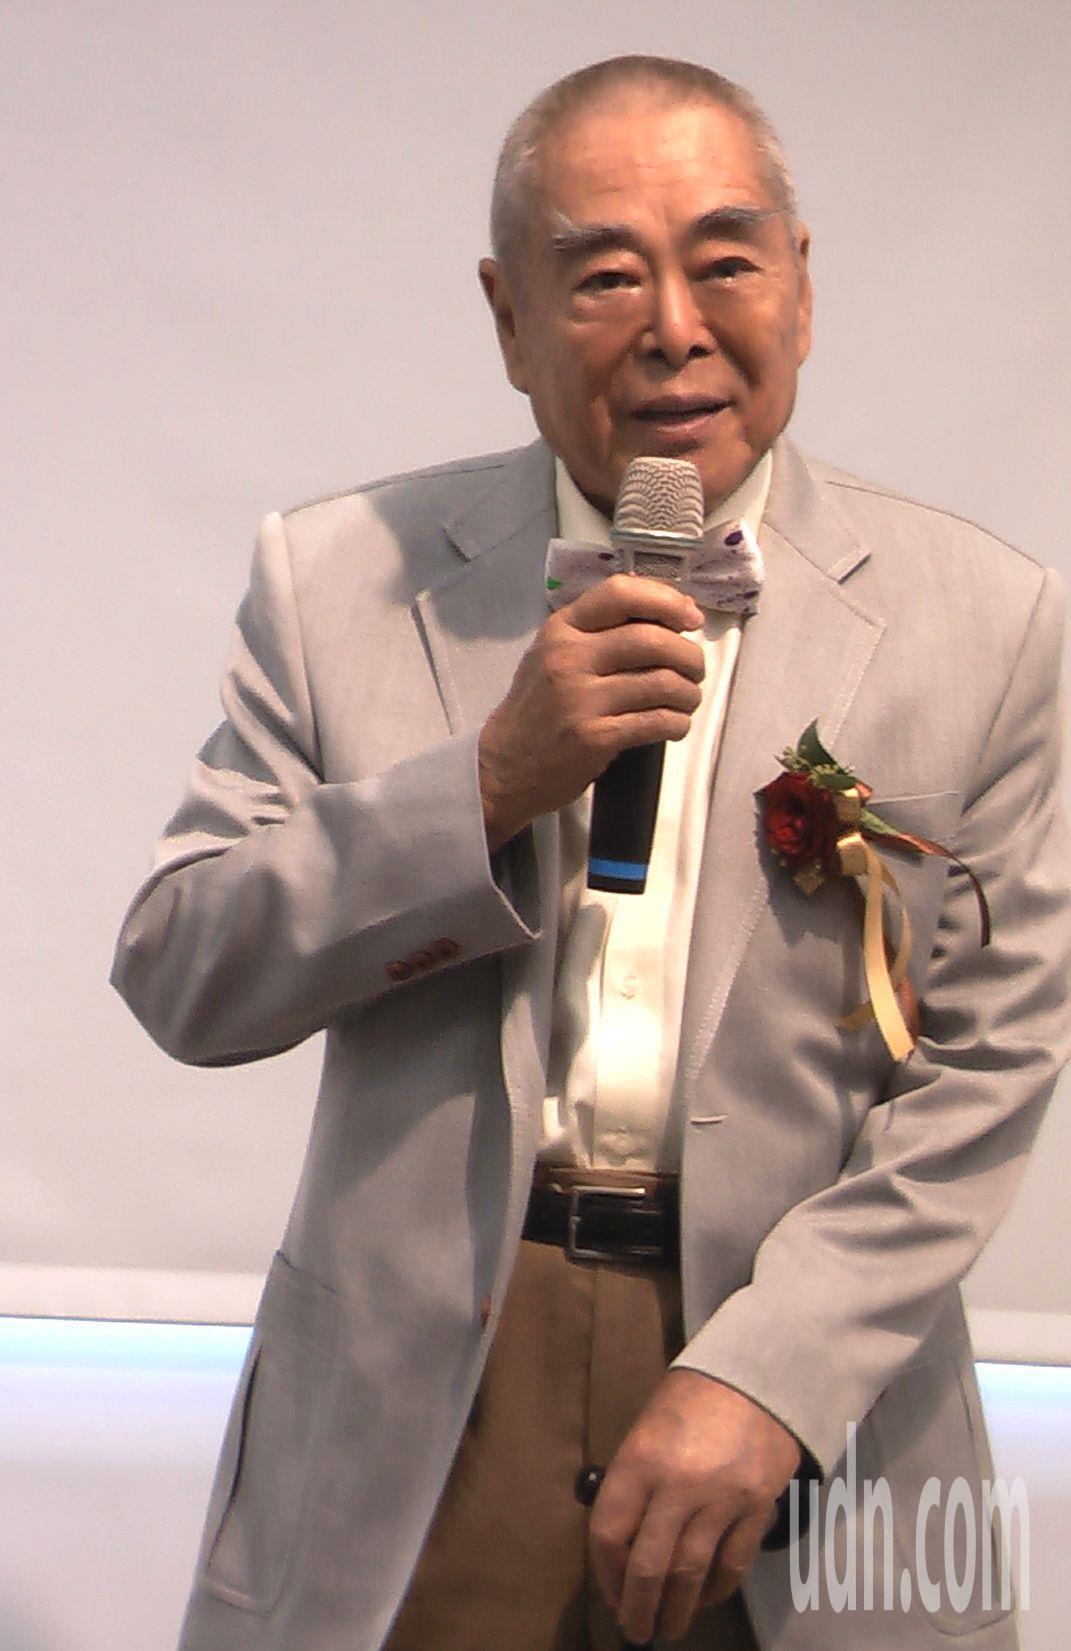 83歲的華人藝術大師蕭勤仍持續奔走,推動藝術文化。記者徐如宜/攝影